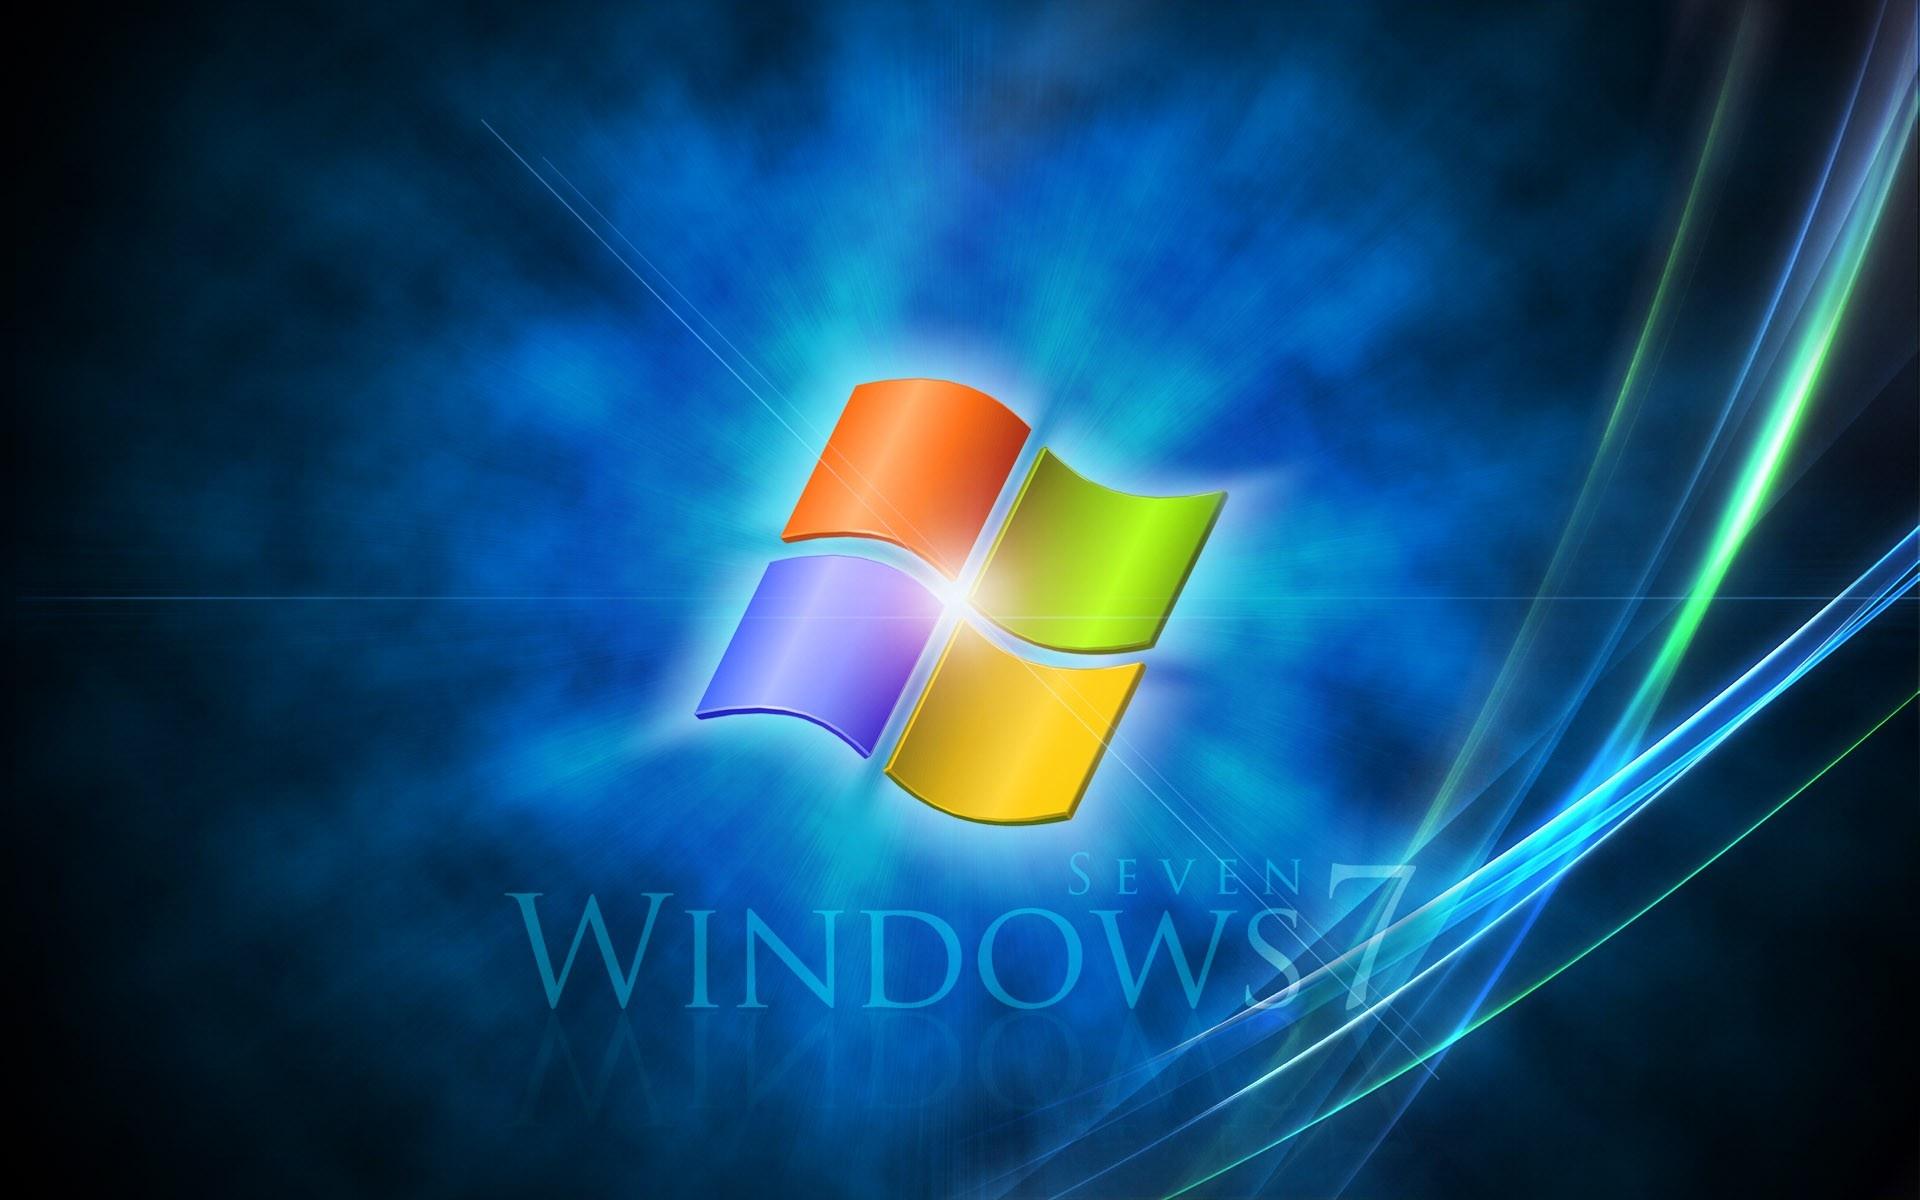 壁紙 Windows 7のブルー イマジネーション 1920x1200 Hd 無料の